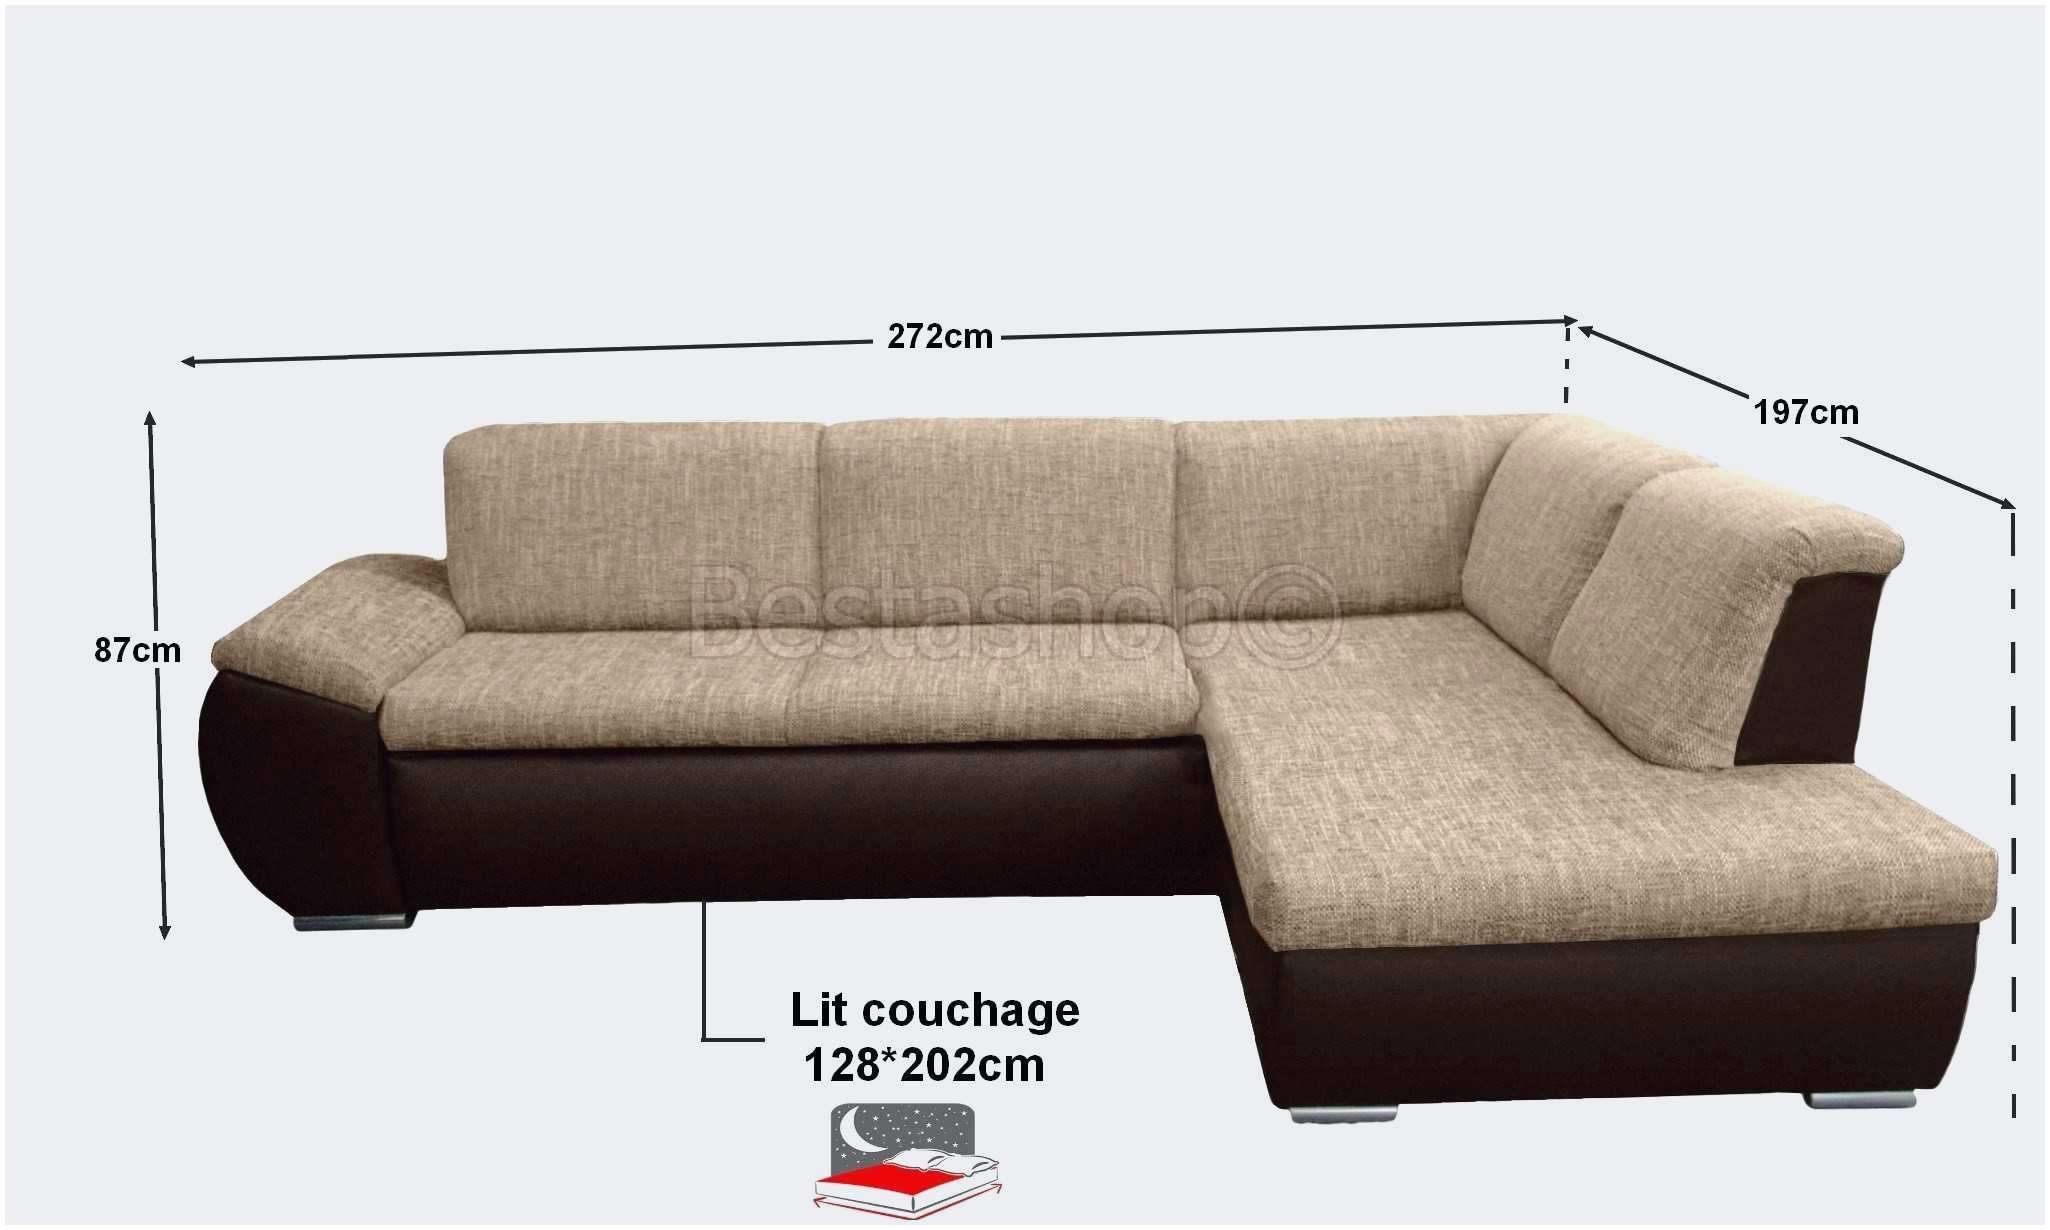 Housse Canapé Lit Unique Elégant Canapé Angle Habitat Luxe S Canap Simili Cuir Marron 27 C3